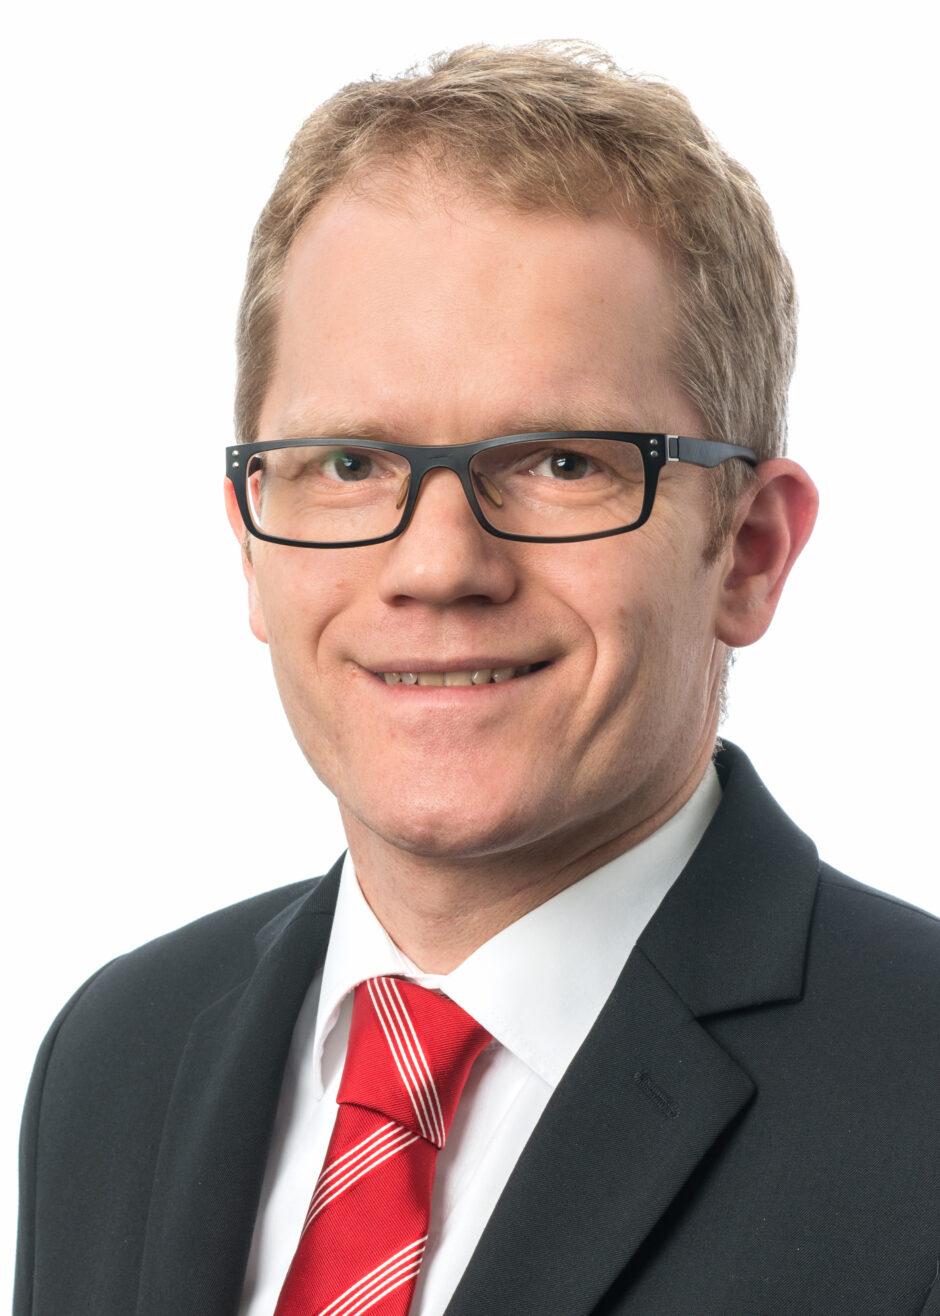 Frank Selberg zum stellvertretenden Vorstandsmitglied bestellt